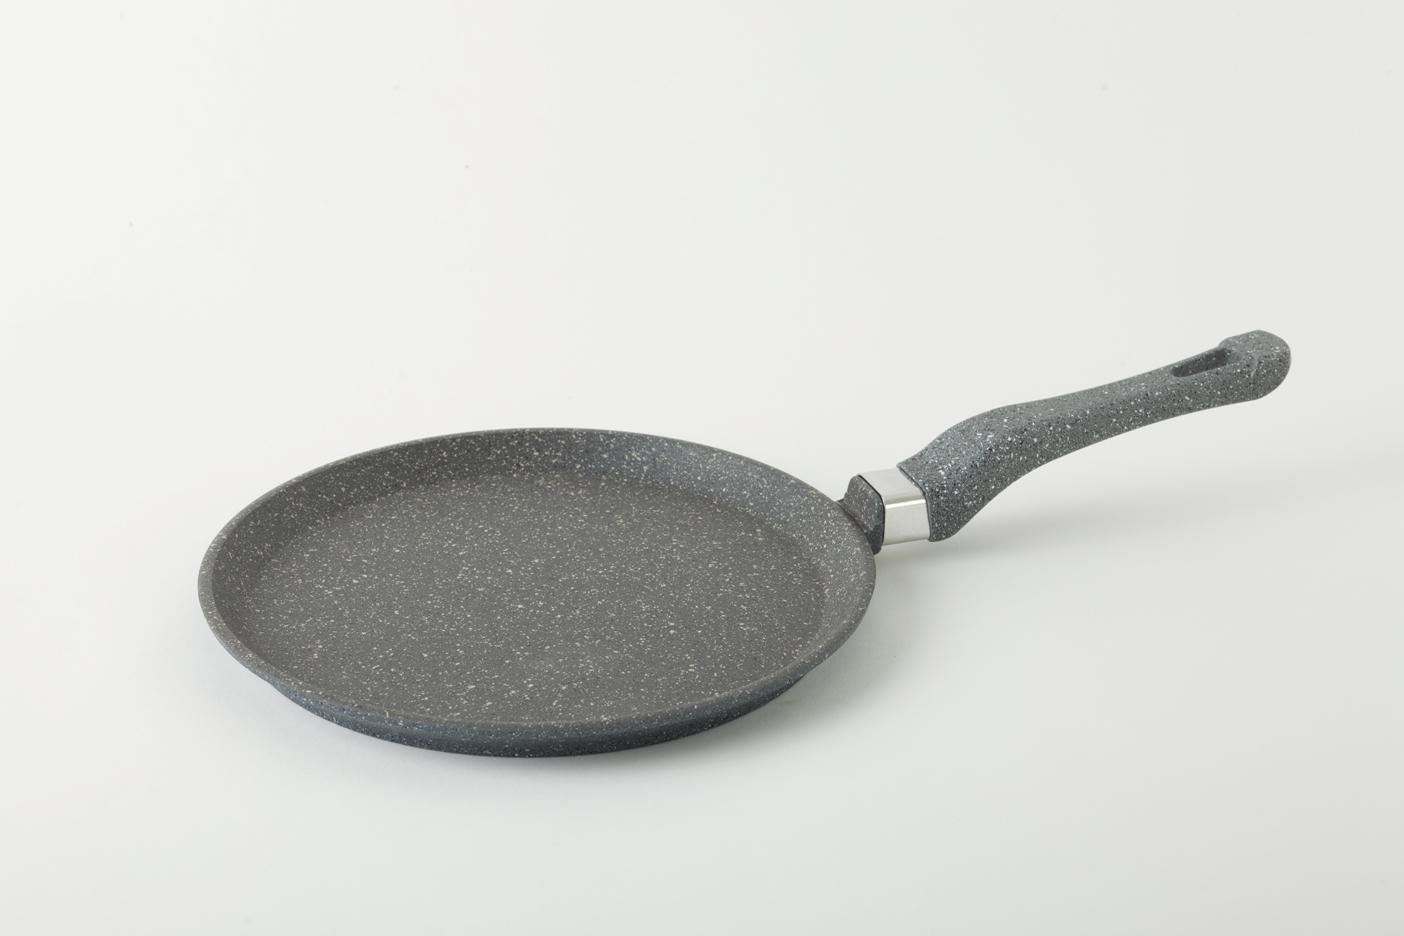 сковорода для блинов и оладий мраморная